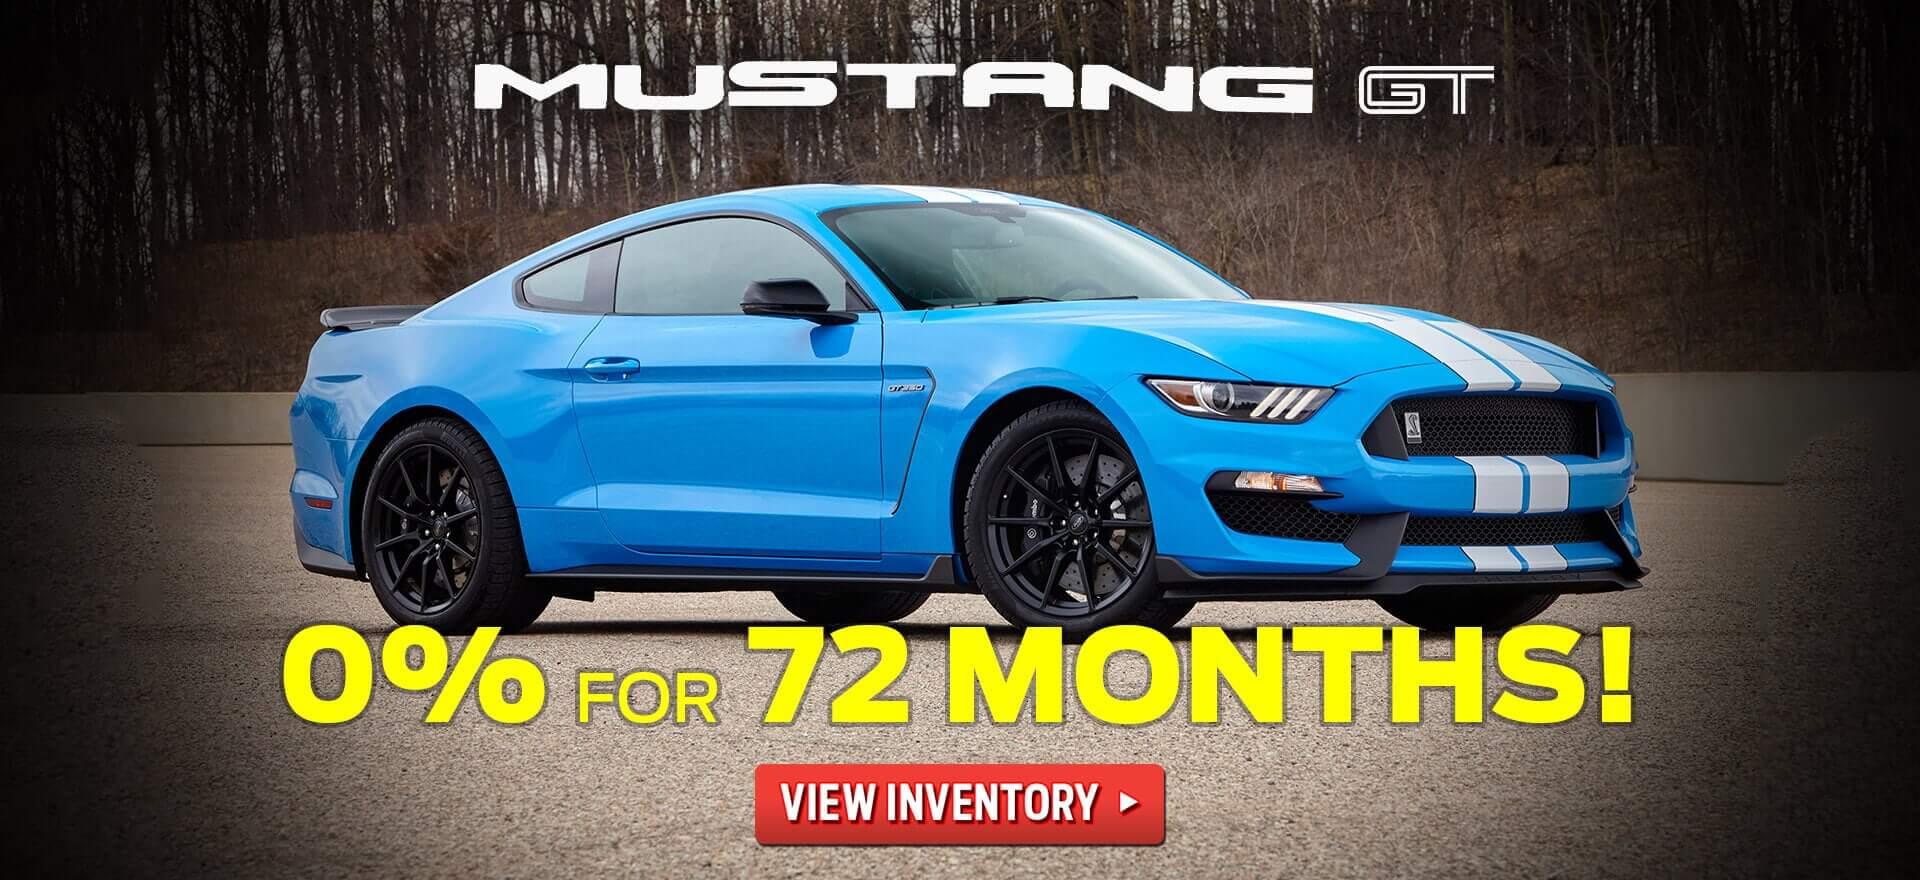 Mustang APR